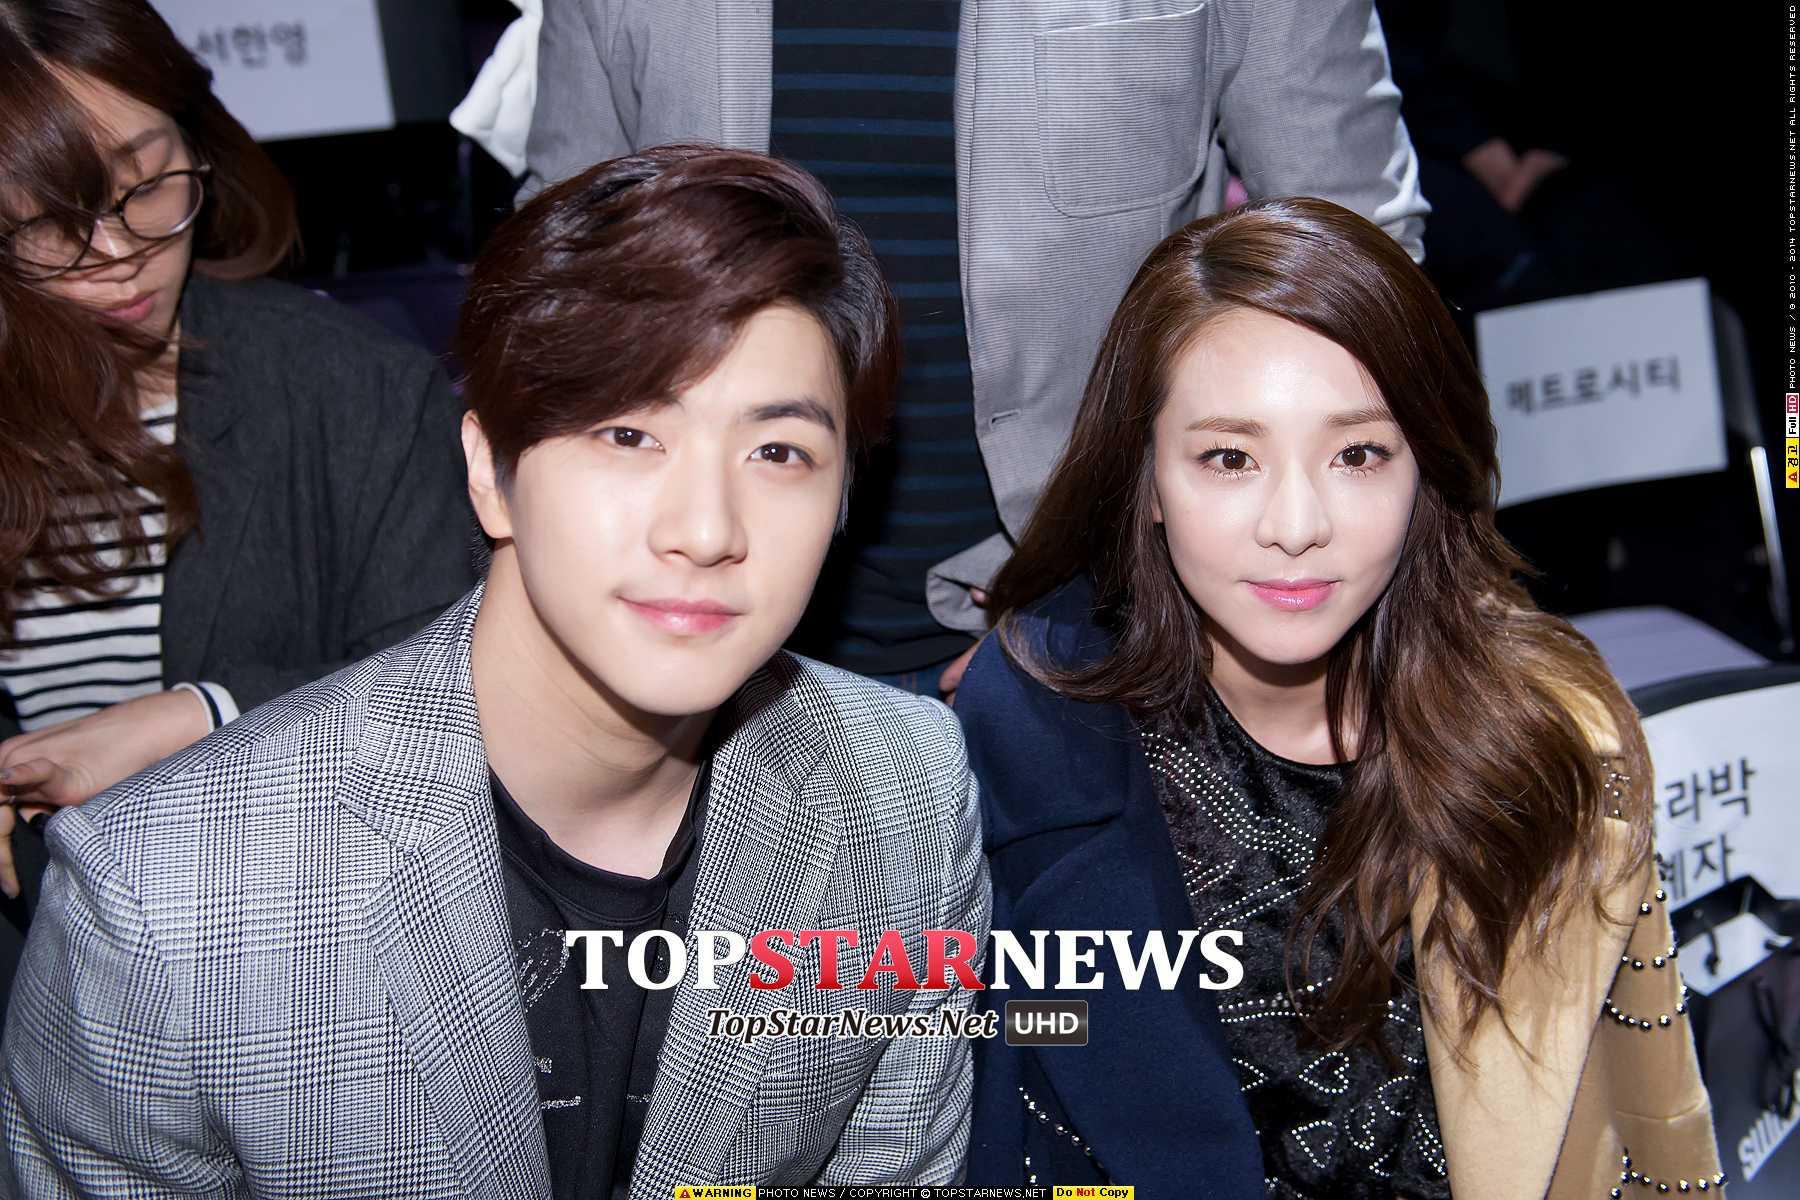 idol dating rumors